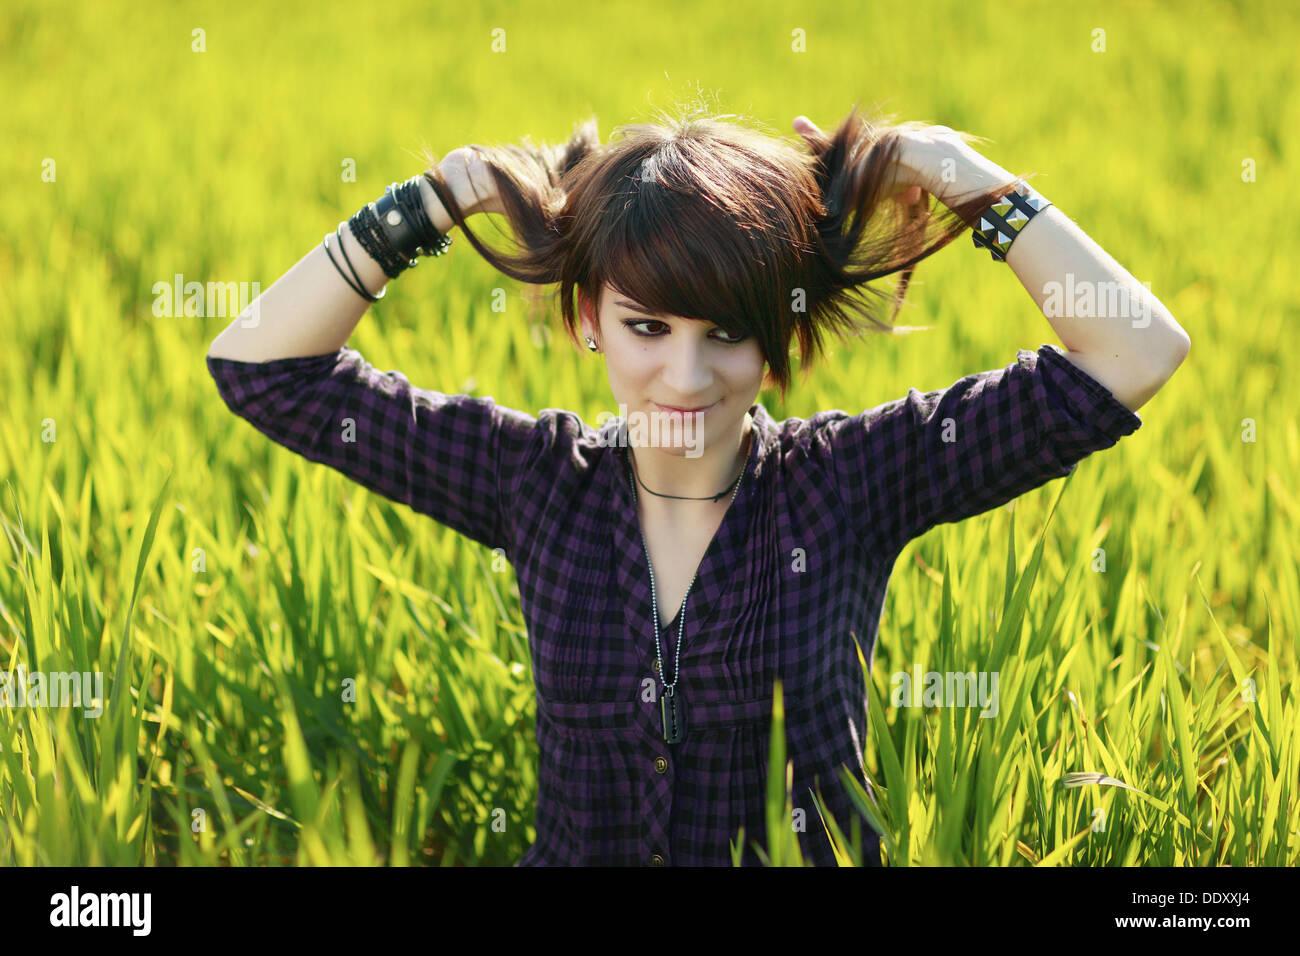 Adolescente en el campo, Sevilla, andalucía, España, Europa. Immagini Stock